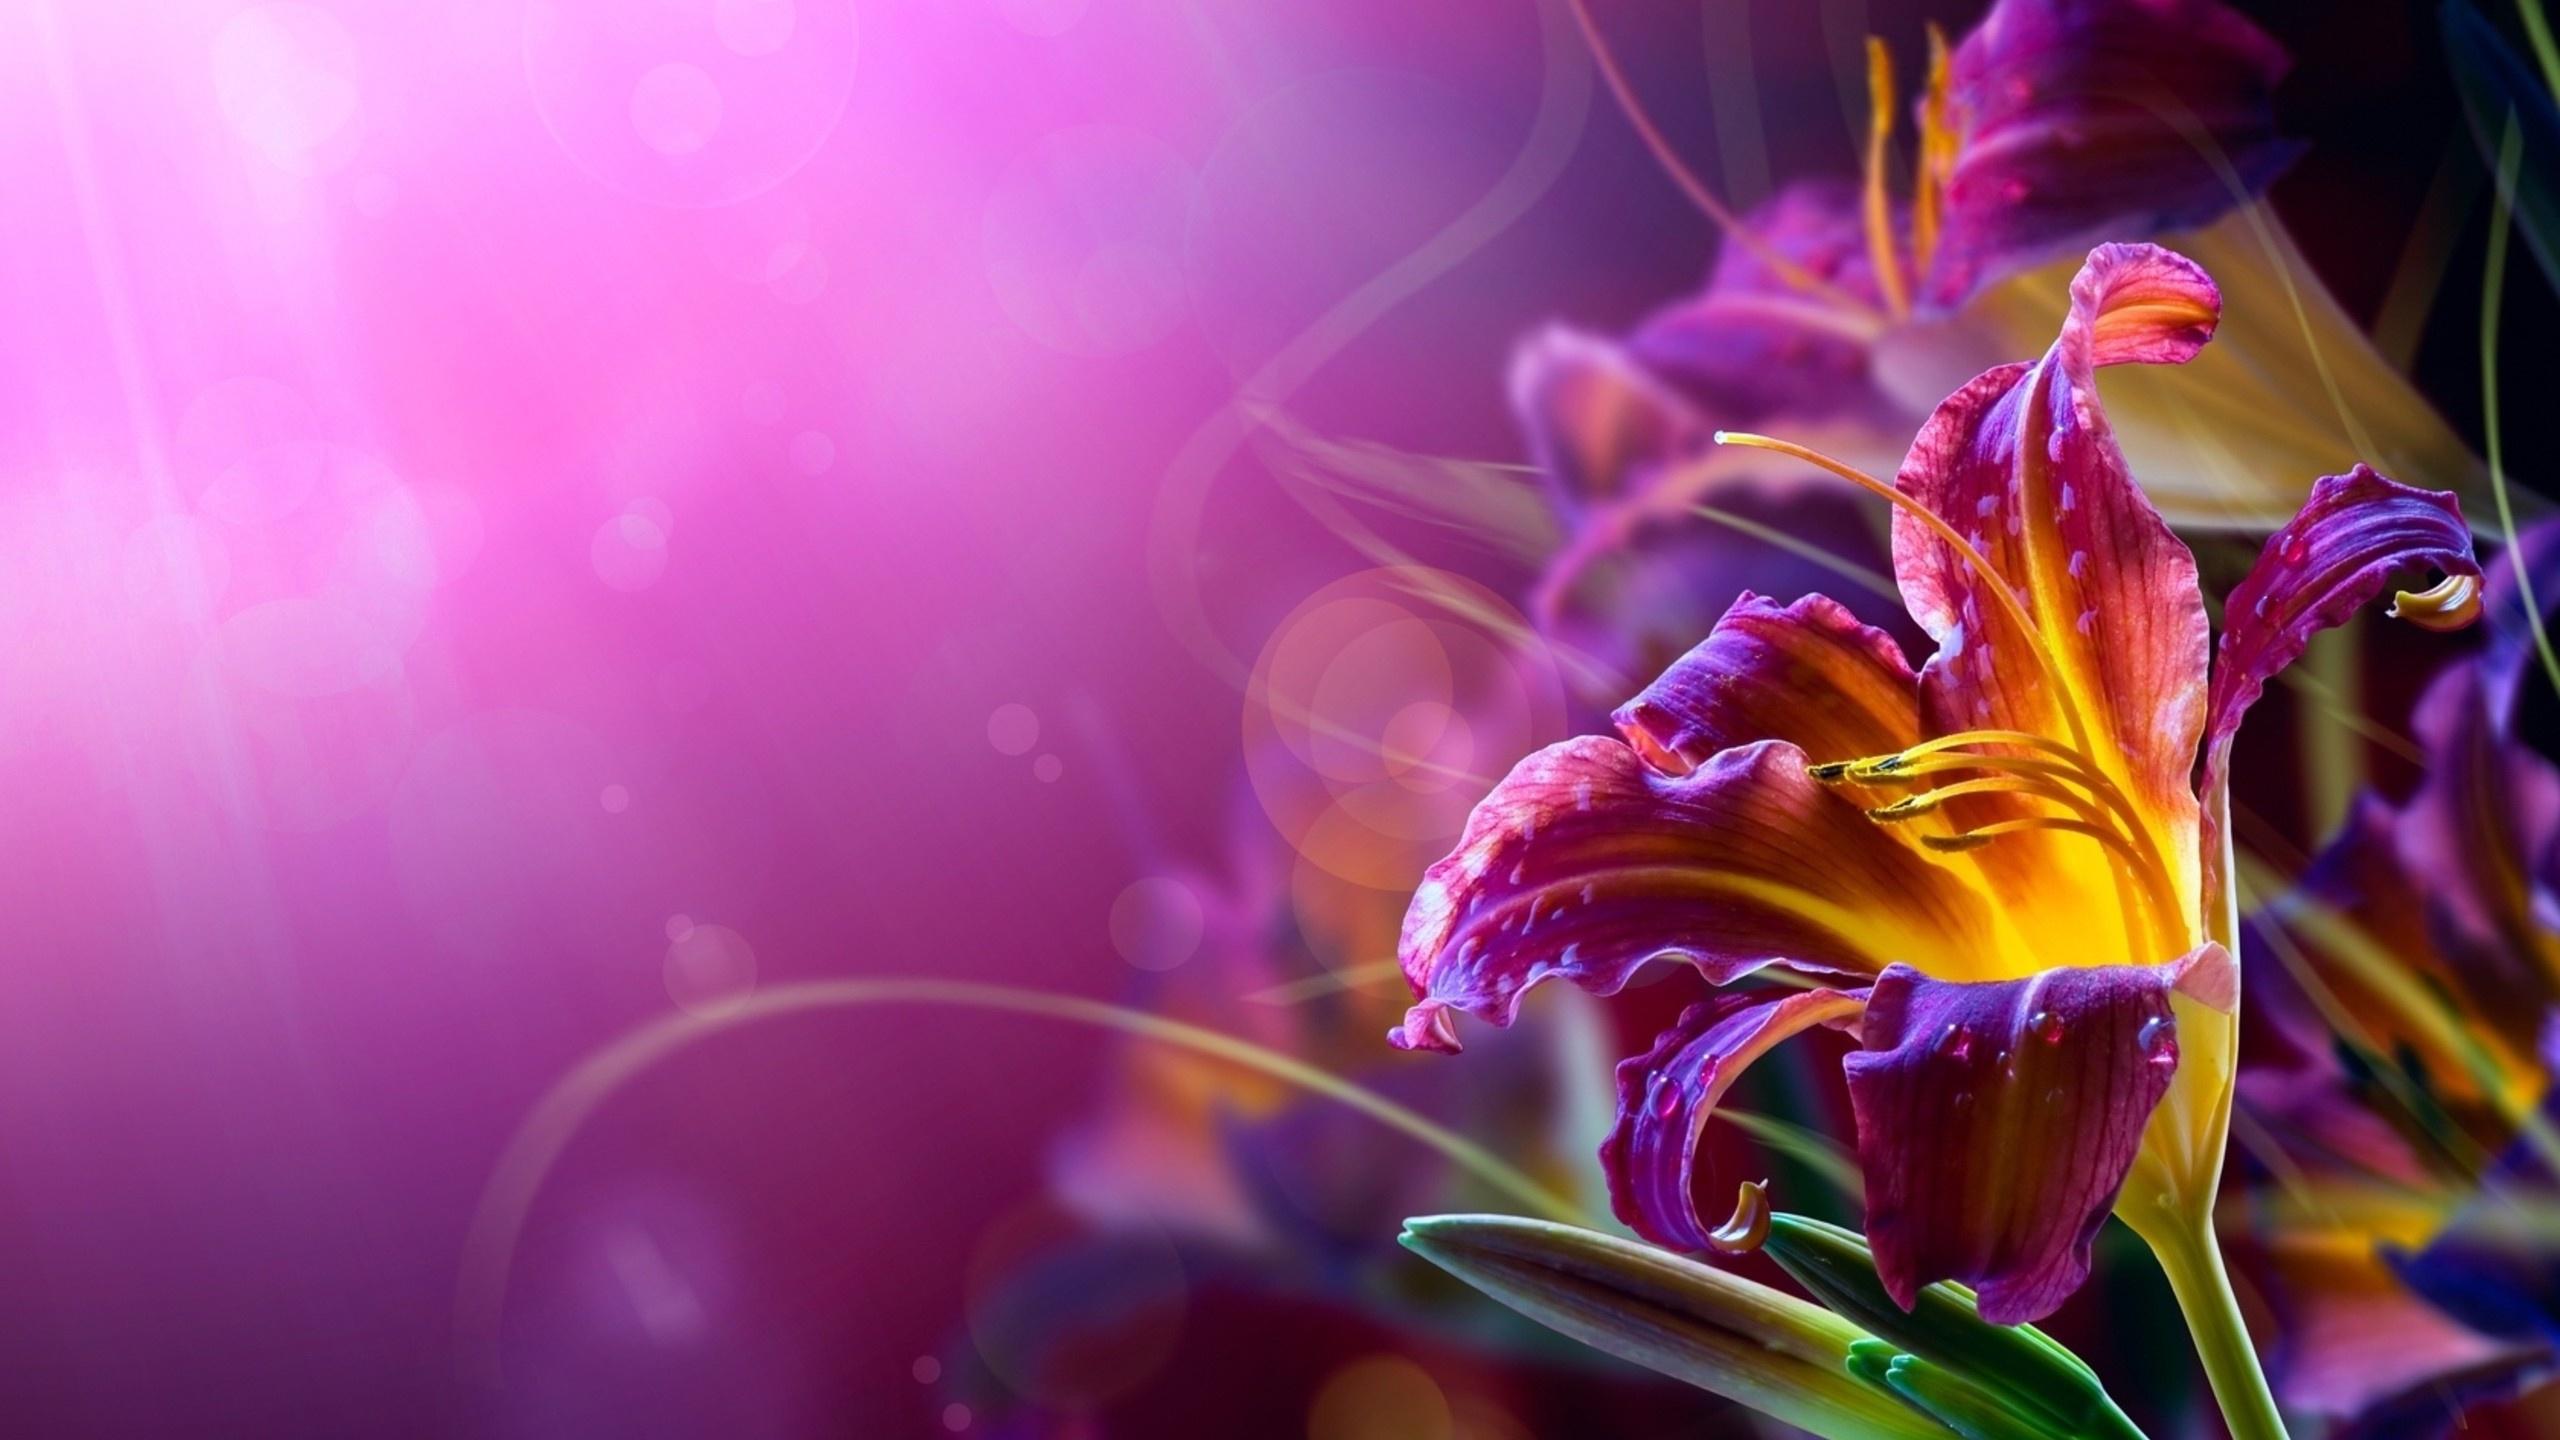 violet wallpaper A3